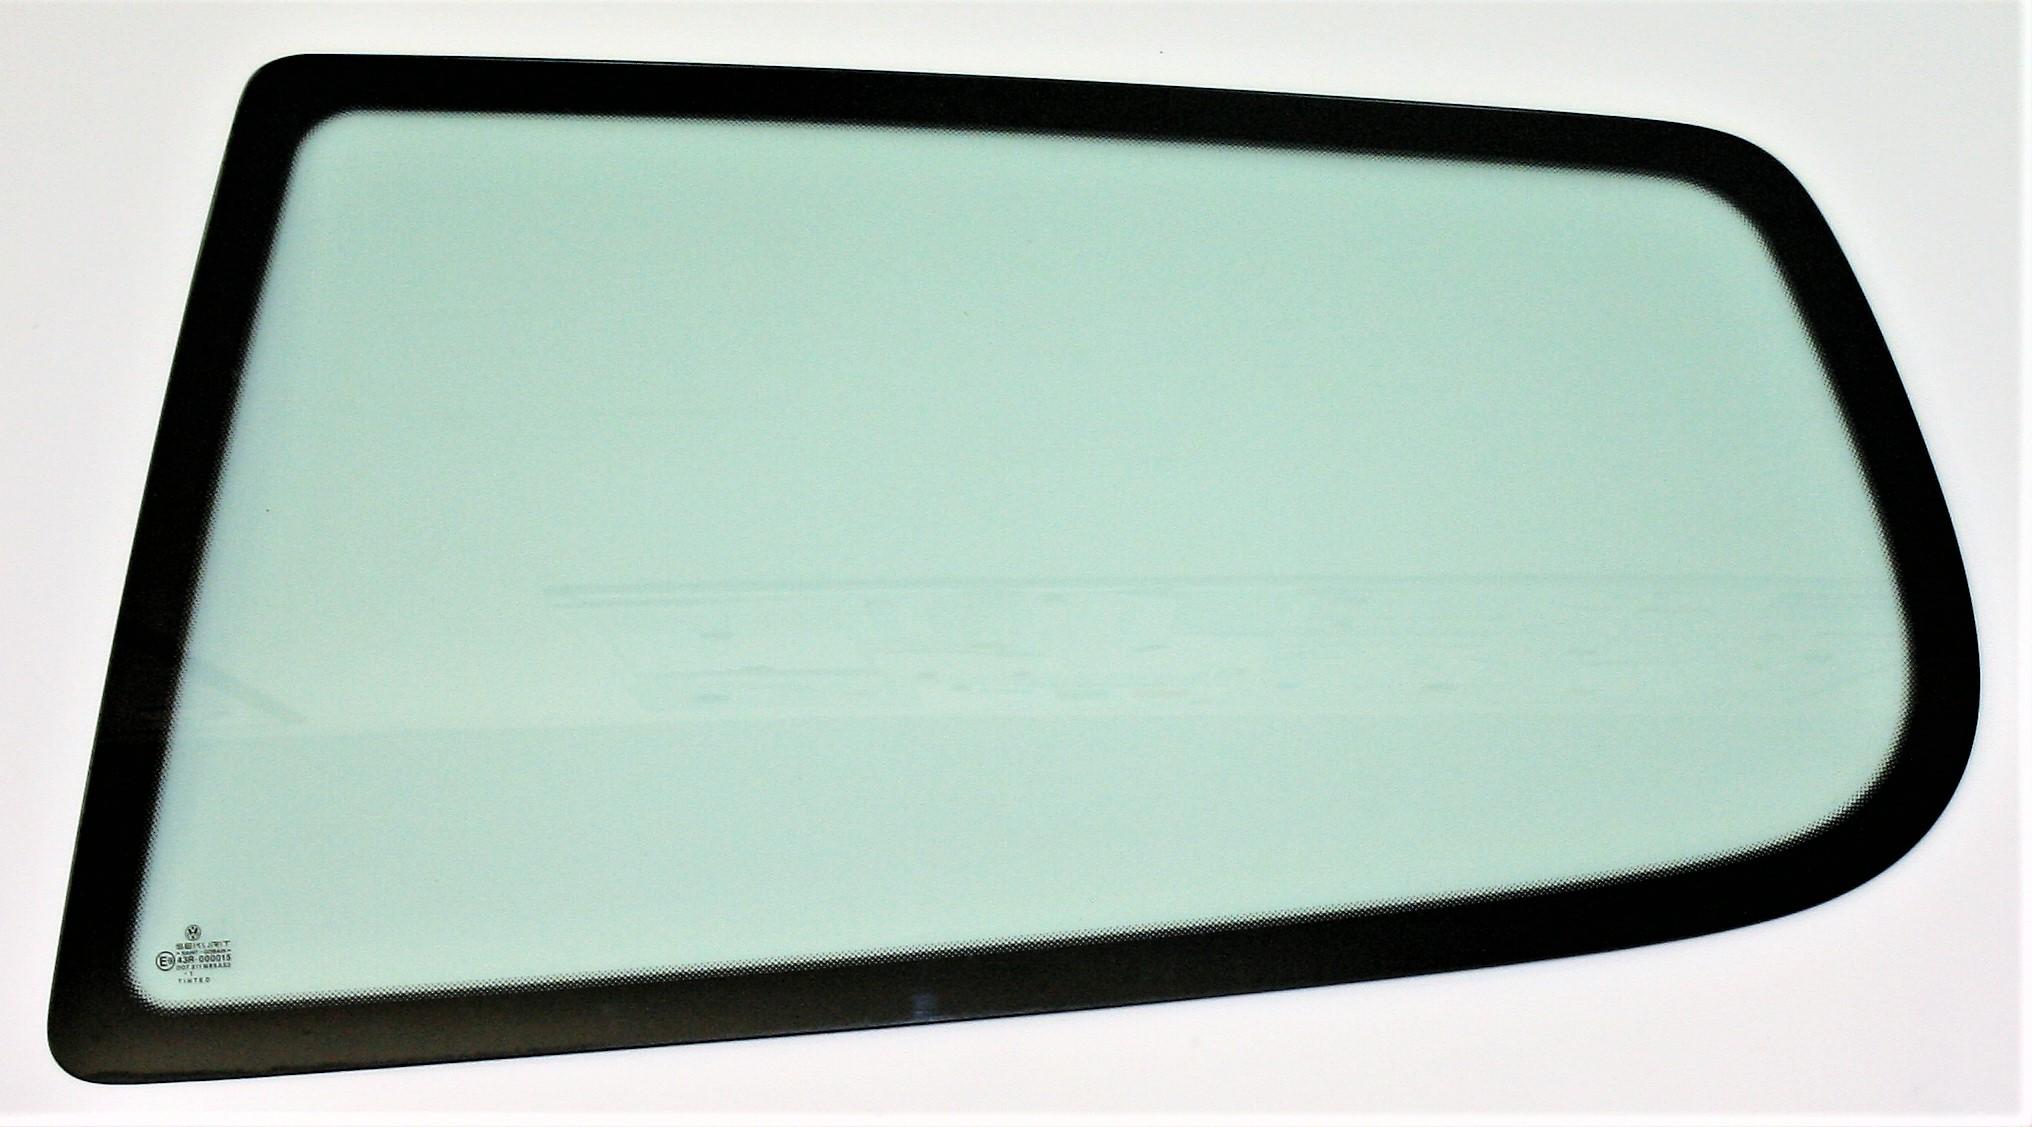 VW Polo Drivers Side Front Door Glass 5 Door Green Tint Window 6N2 2000 /& 2001